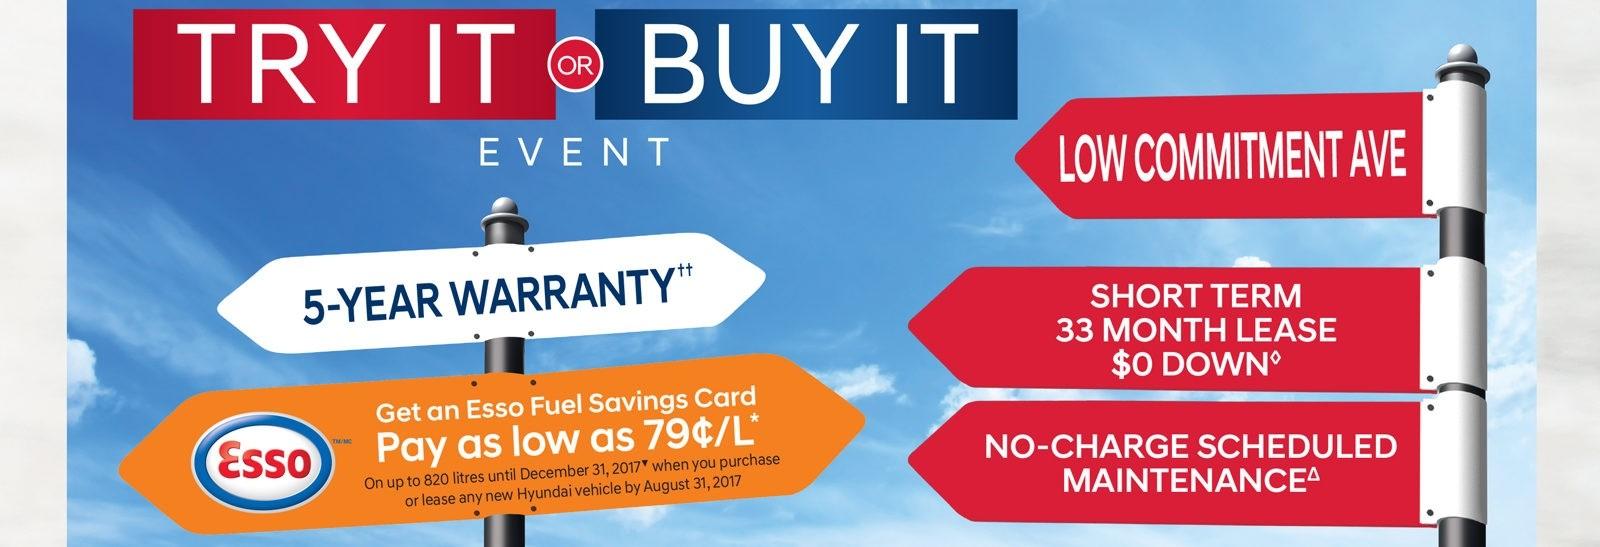 August-Try-It-Or-Buy-It